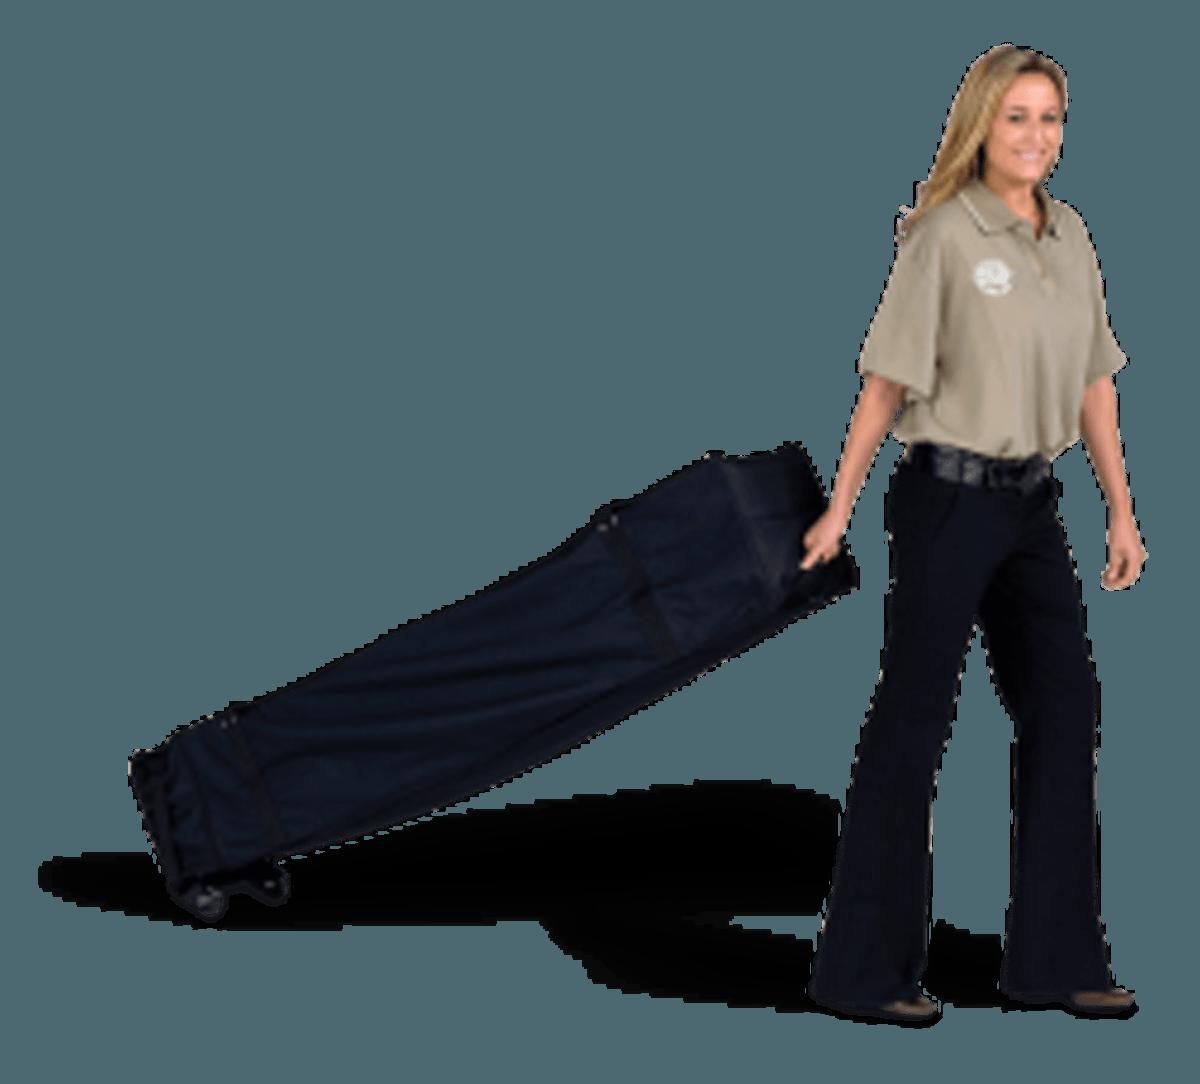 Τσάντα με ροδάκια 6.0m